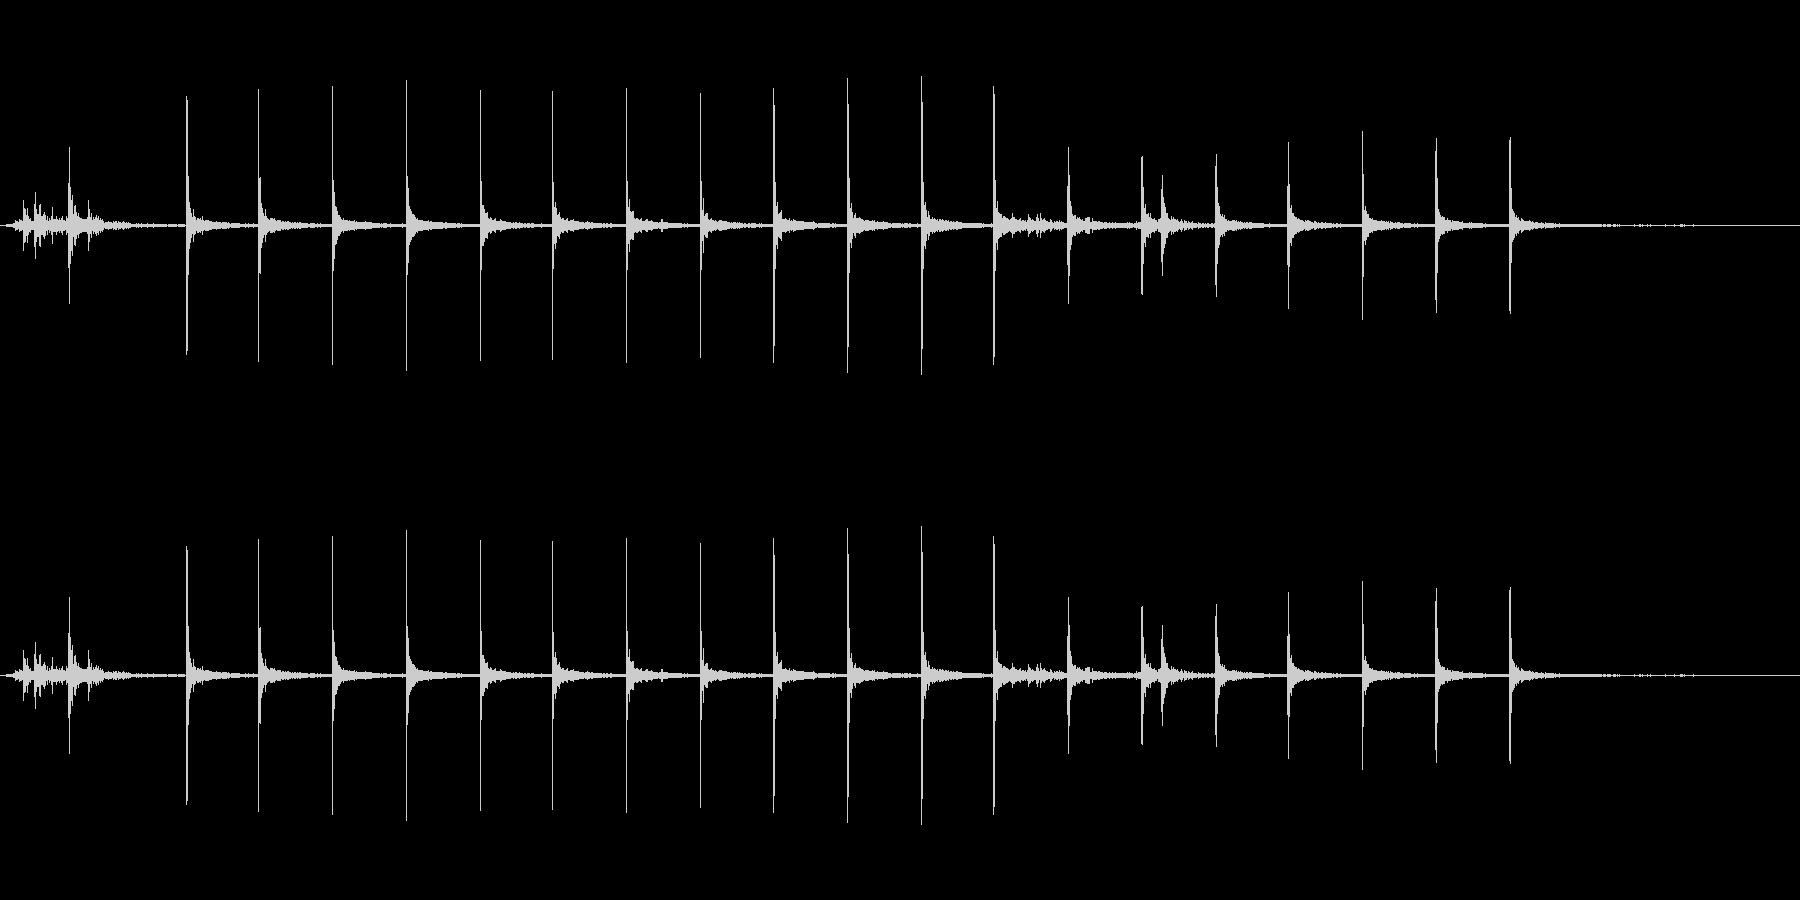 ガスコンロに火をつける音の未再生の波形